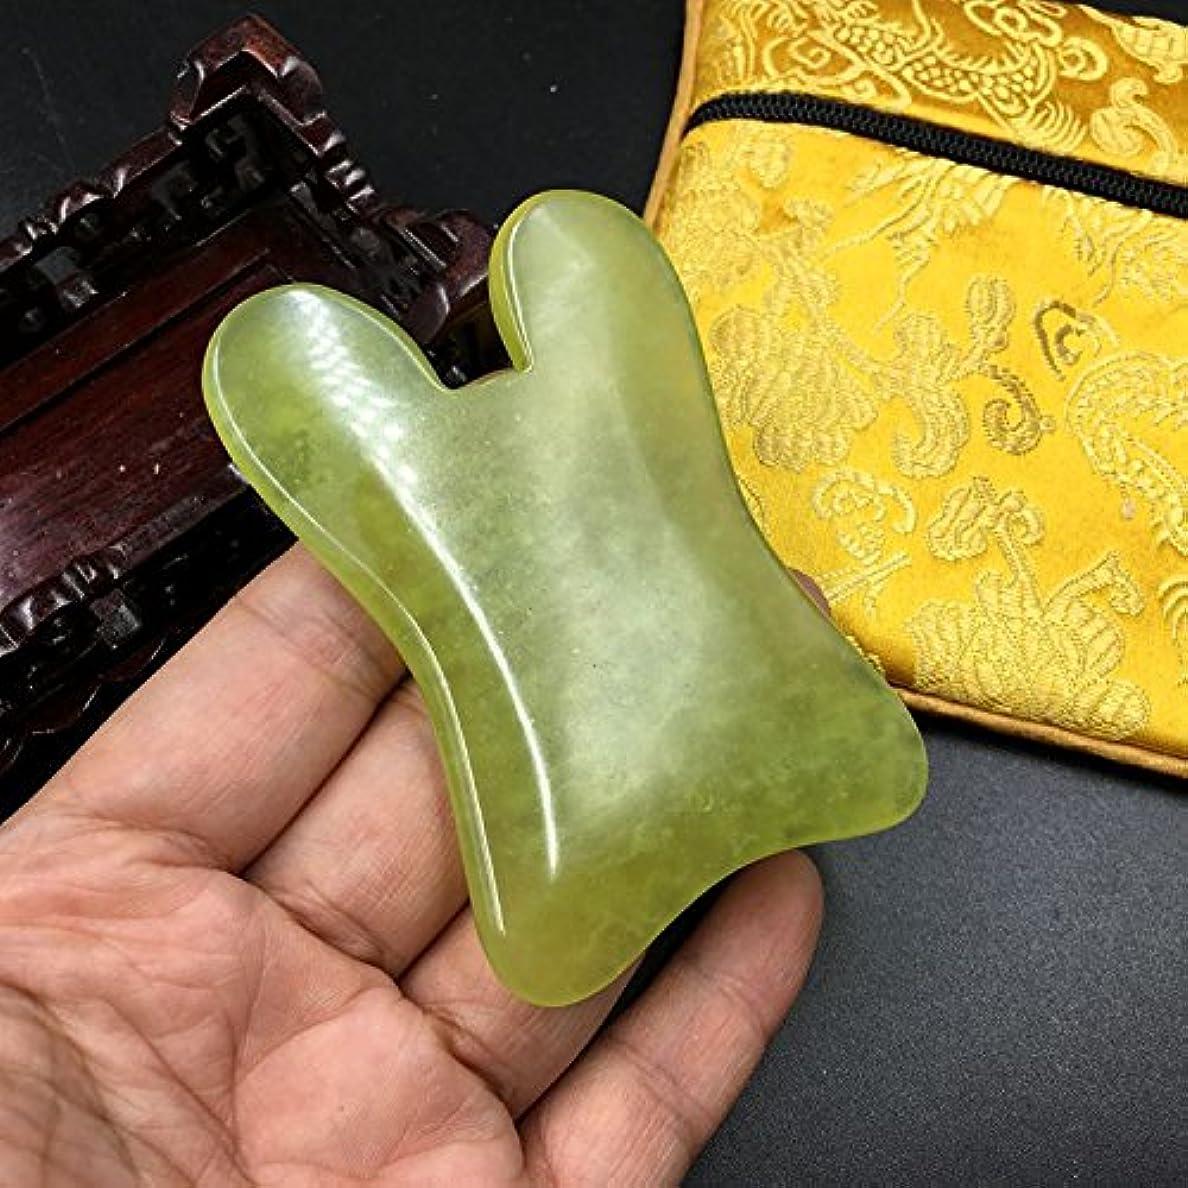 舗装二週間実証する1点1pcFace / Body Massage Natural Jade Gua Sha Board U 形 shape かっさプレート 天然石 翡翠(顔?ボディのリンパマッサージ)